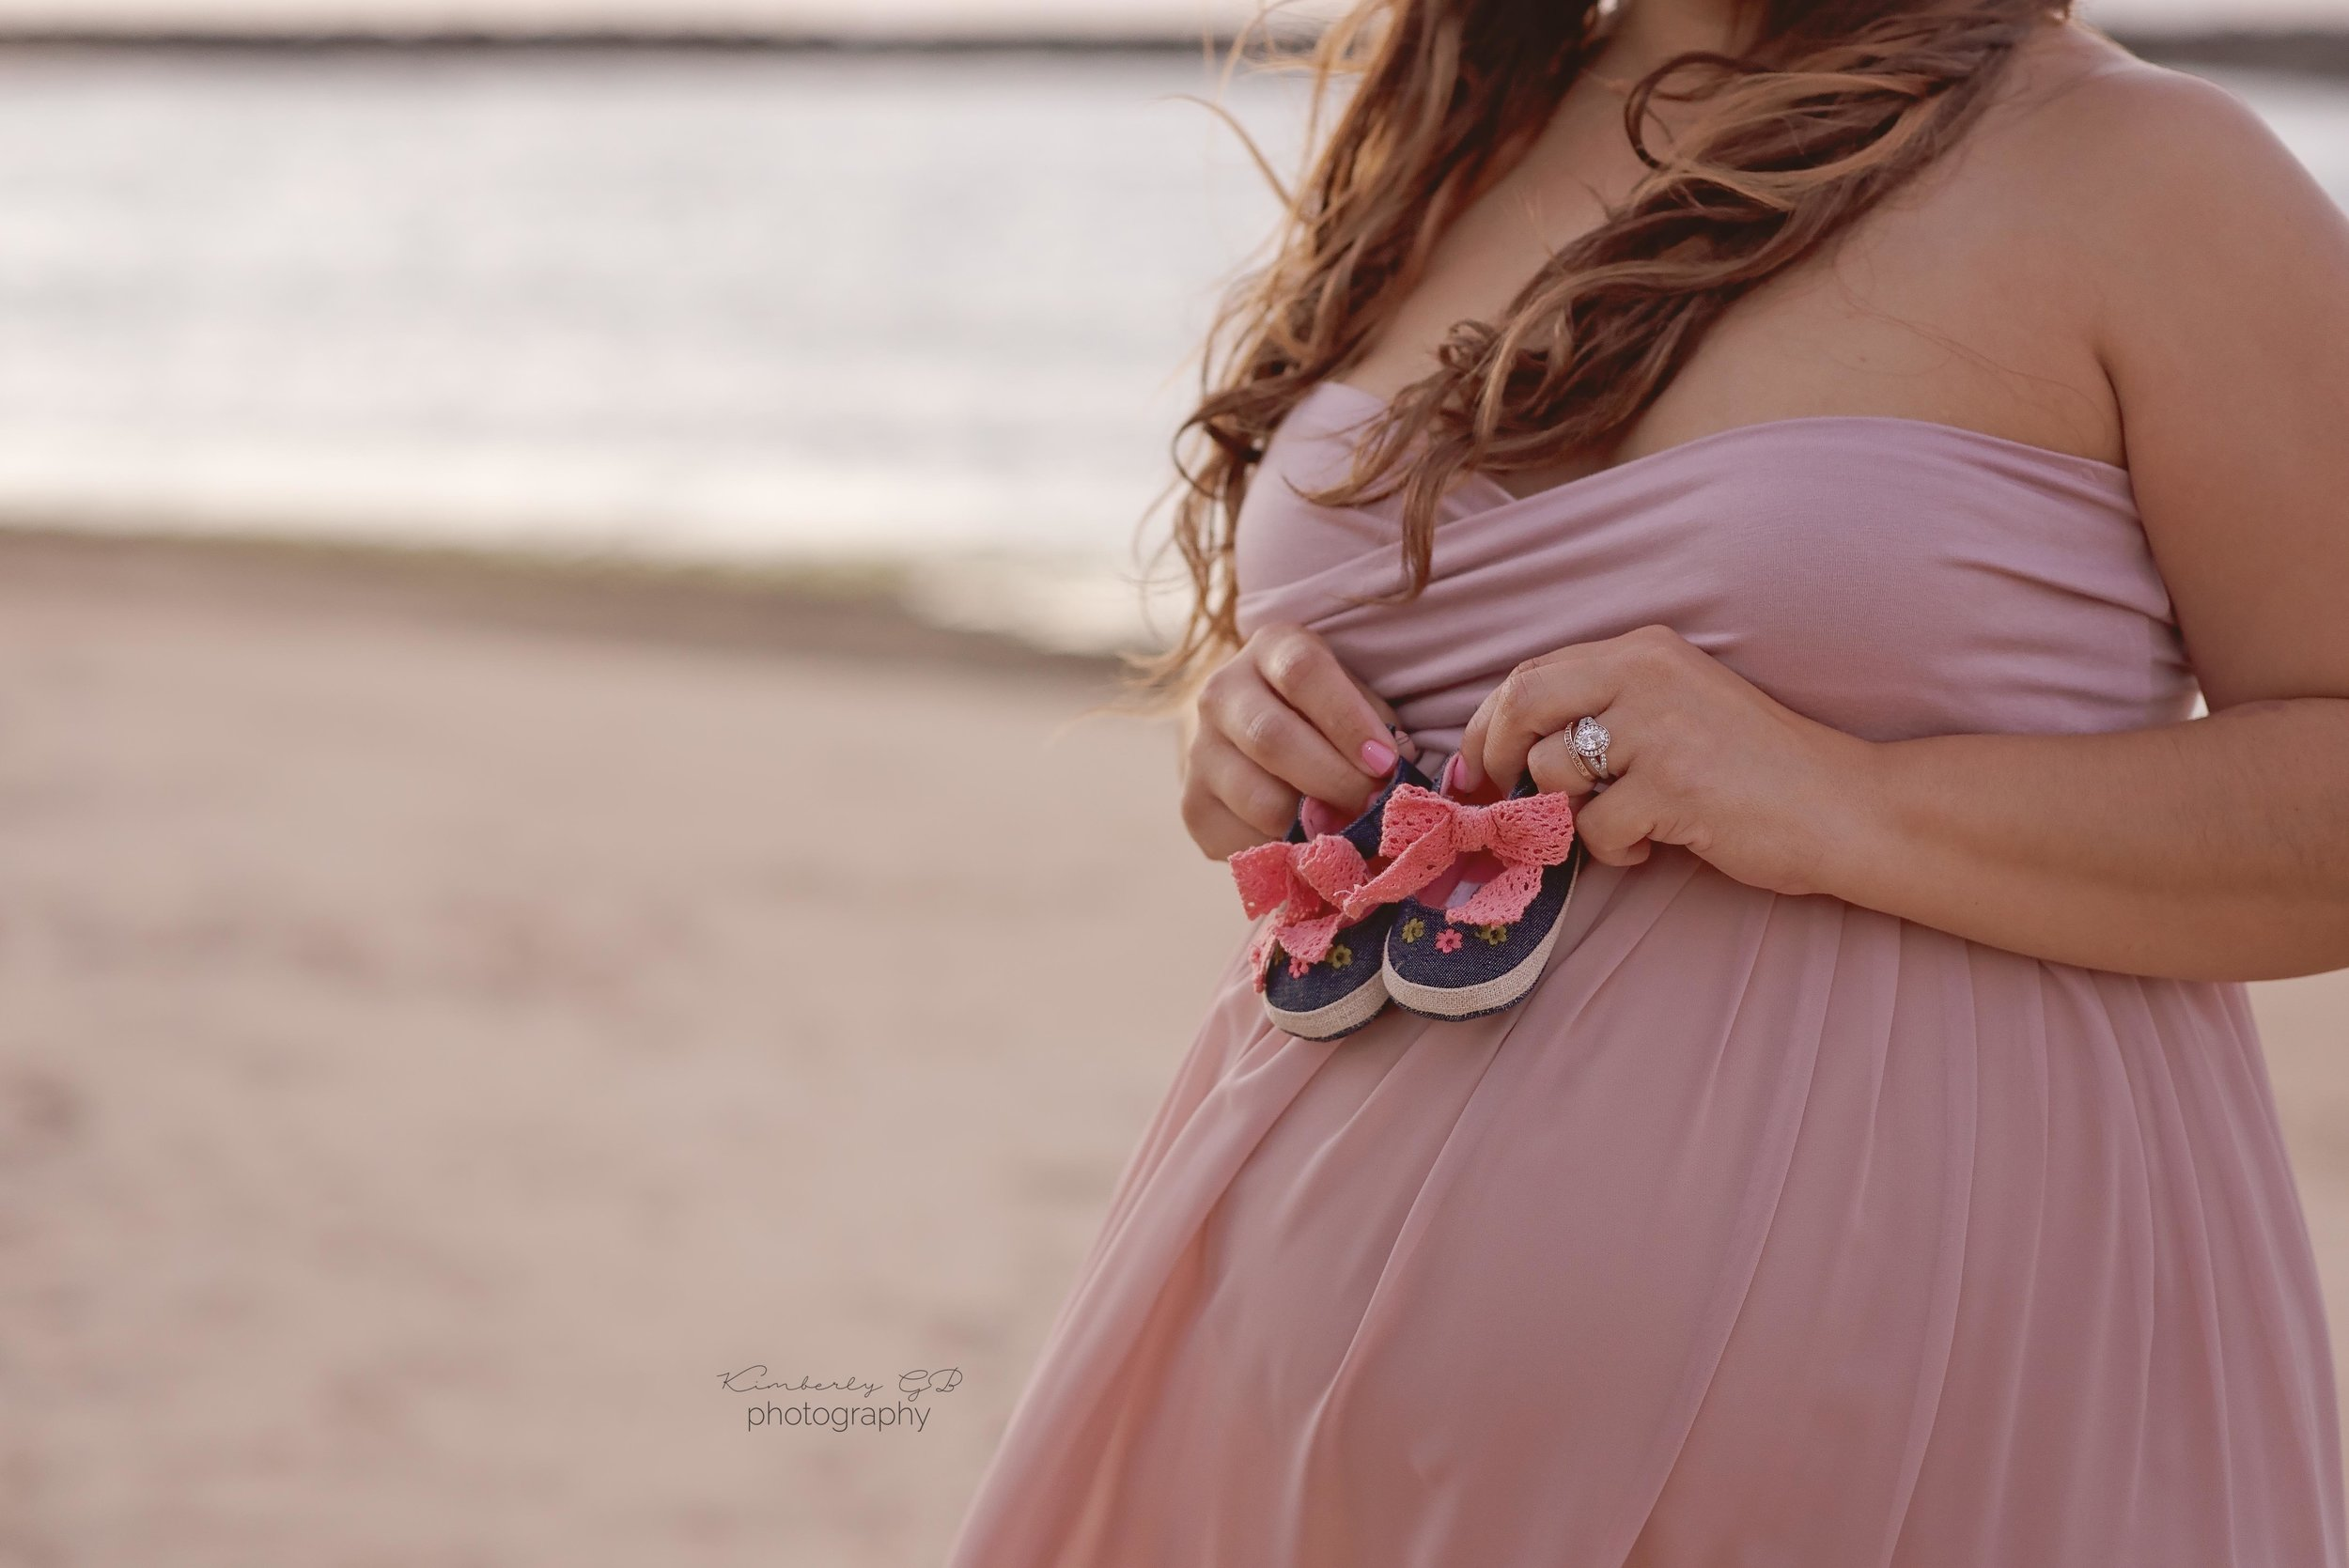 fotografia-fotografa-de-maternidad-embarazo-embarazada-en-puerto-rico-fotografia-76.jpg